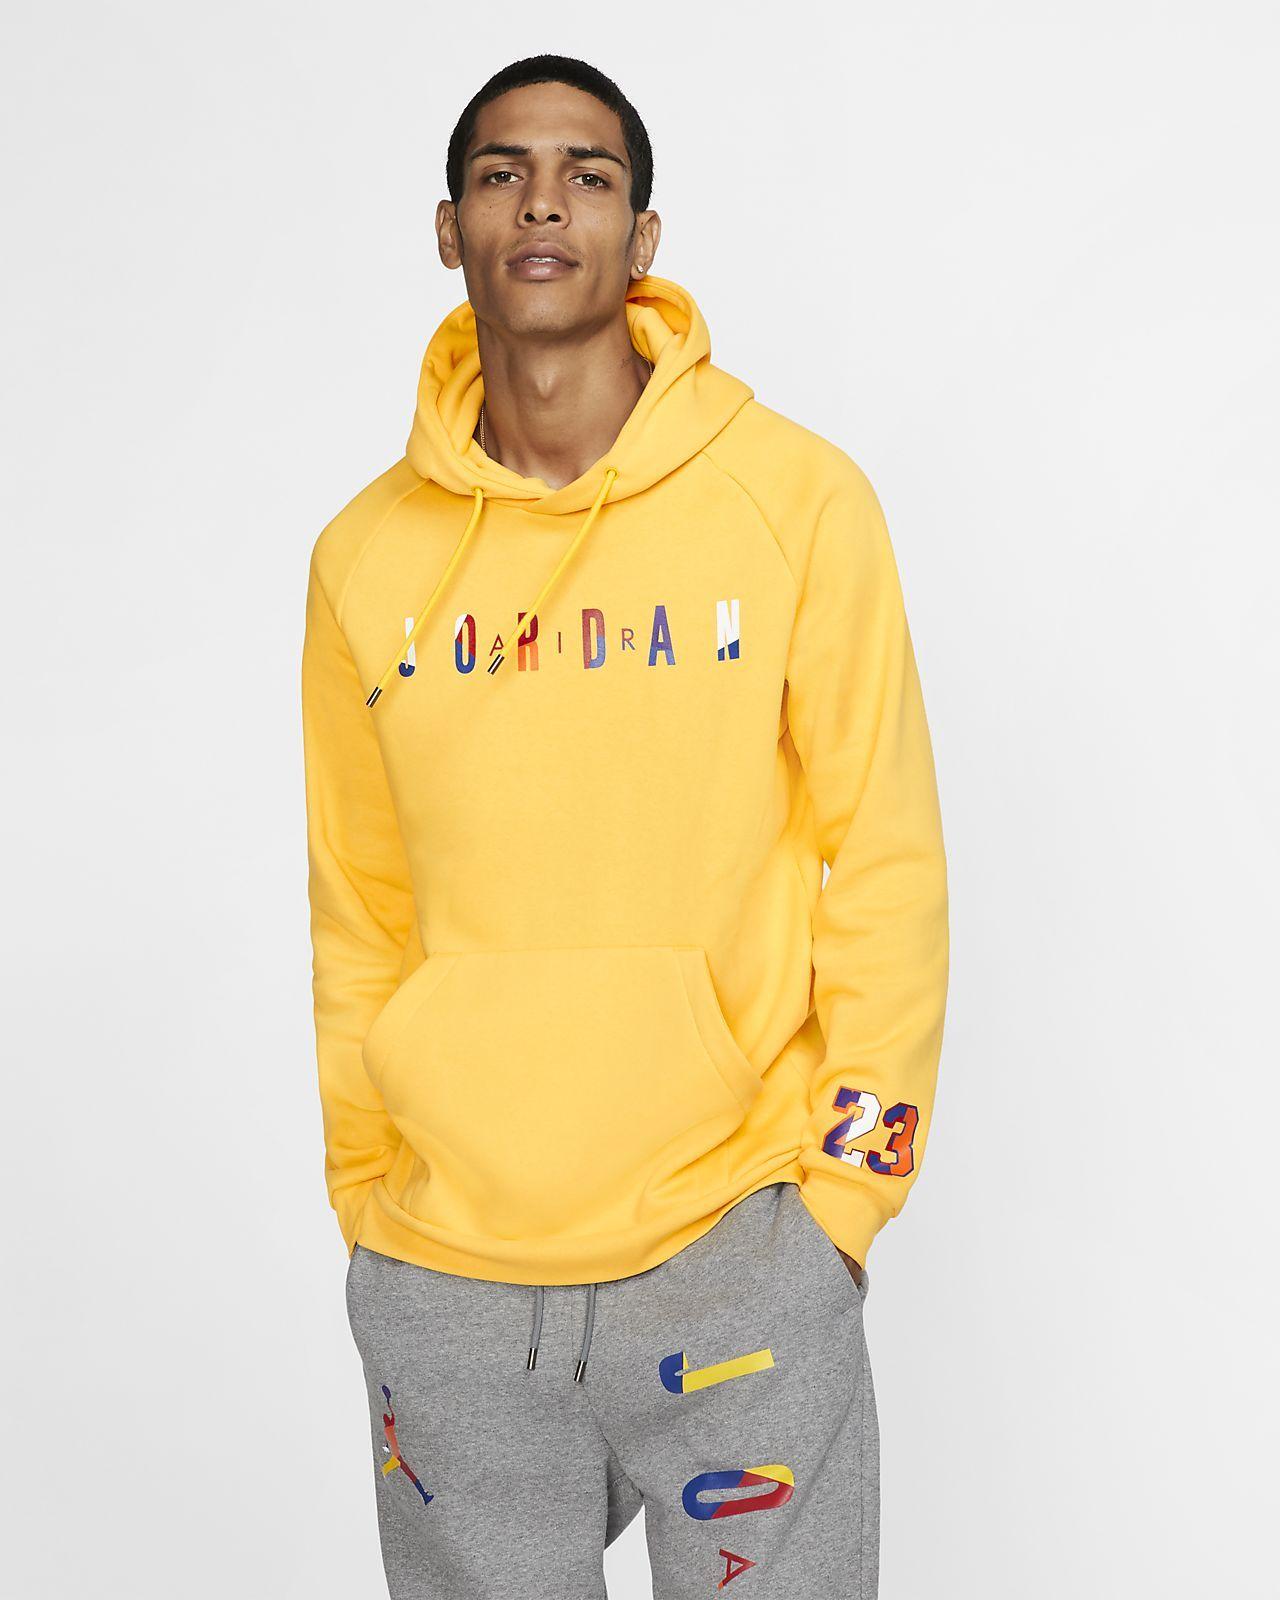 Jordan Dna Fleece Pullover Hoodie Lifestyle Tops Hoodies Fleece Pullover [ 1600 x 1280 Pixel ]